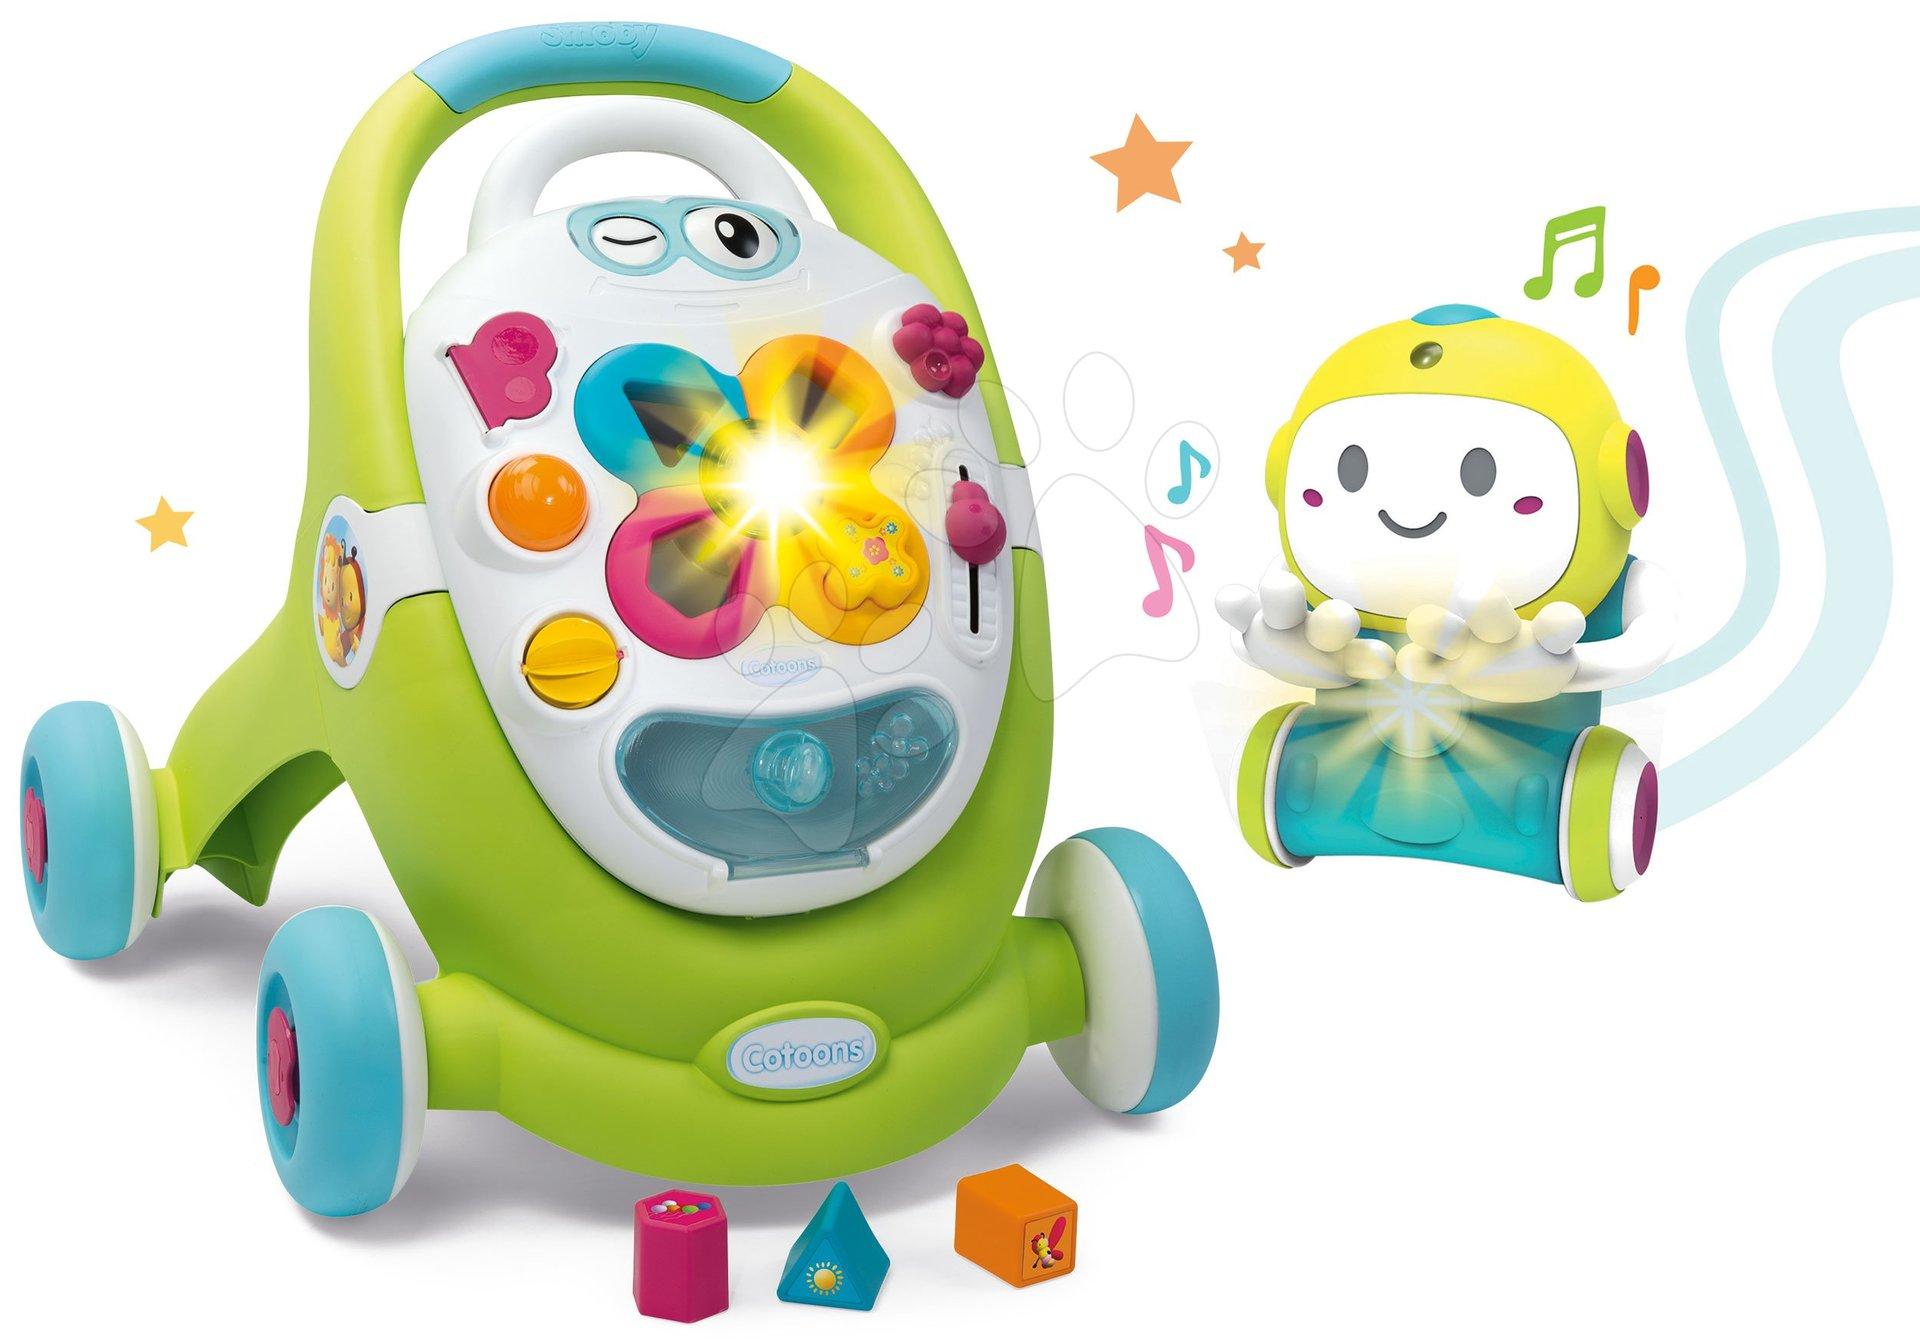 Dětská chodítka - Set chodítko s didaktickým kufříkem Trott Cotoons 2v1 Smoby se zvukem a světlem a interaktivní Robot 1,2,3 Smart s pohybovým senzorem a 2 hrami